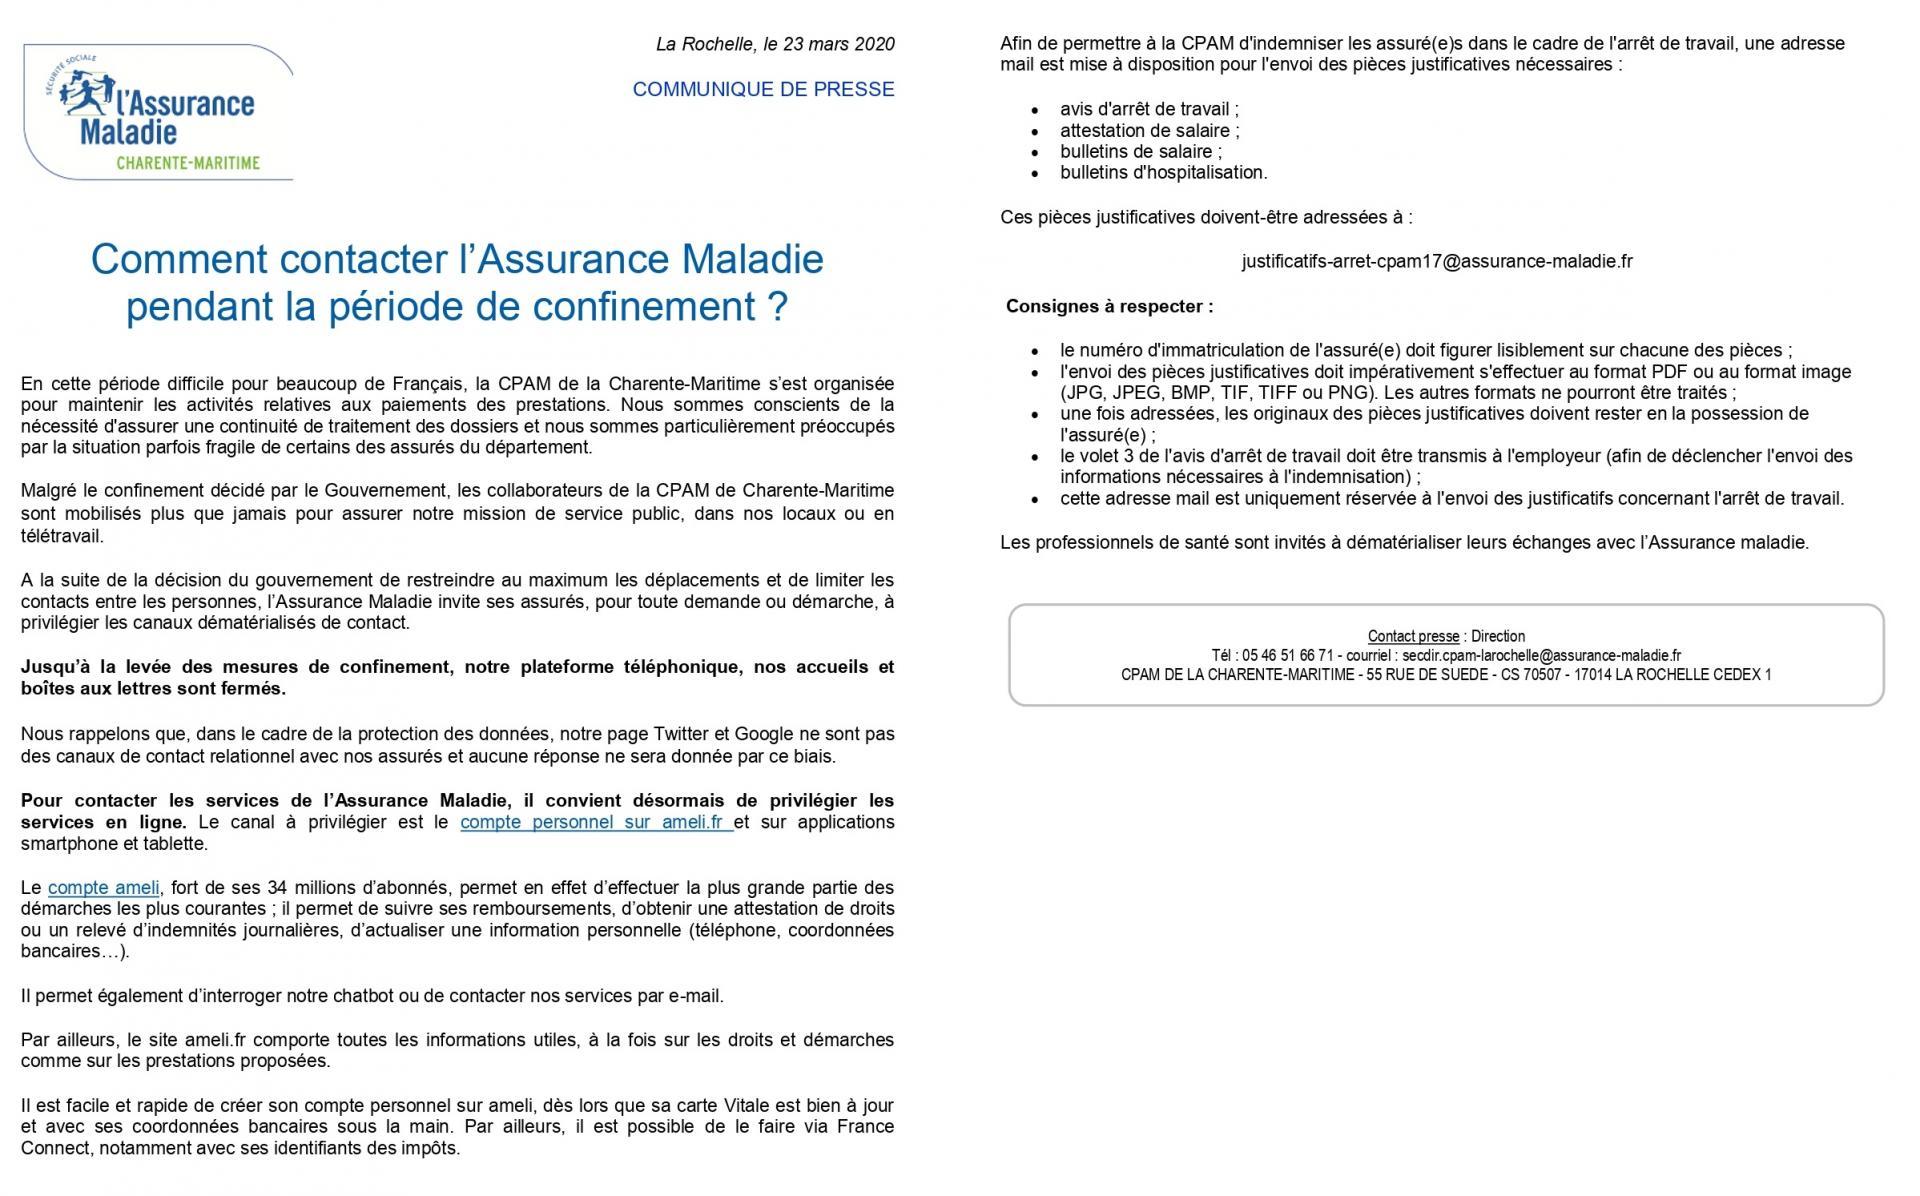 Communiqué De Presse Assurance Maladie CPAM